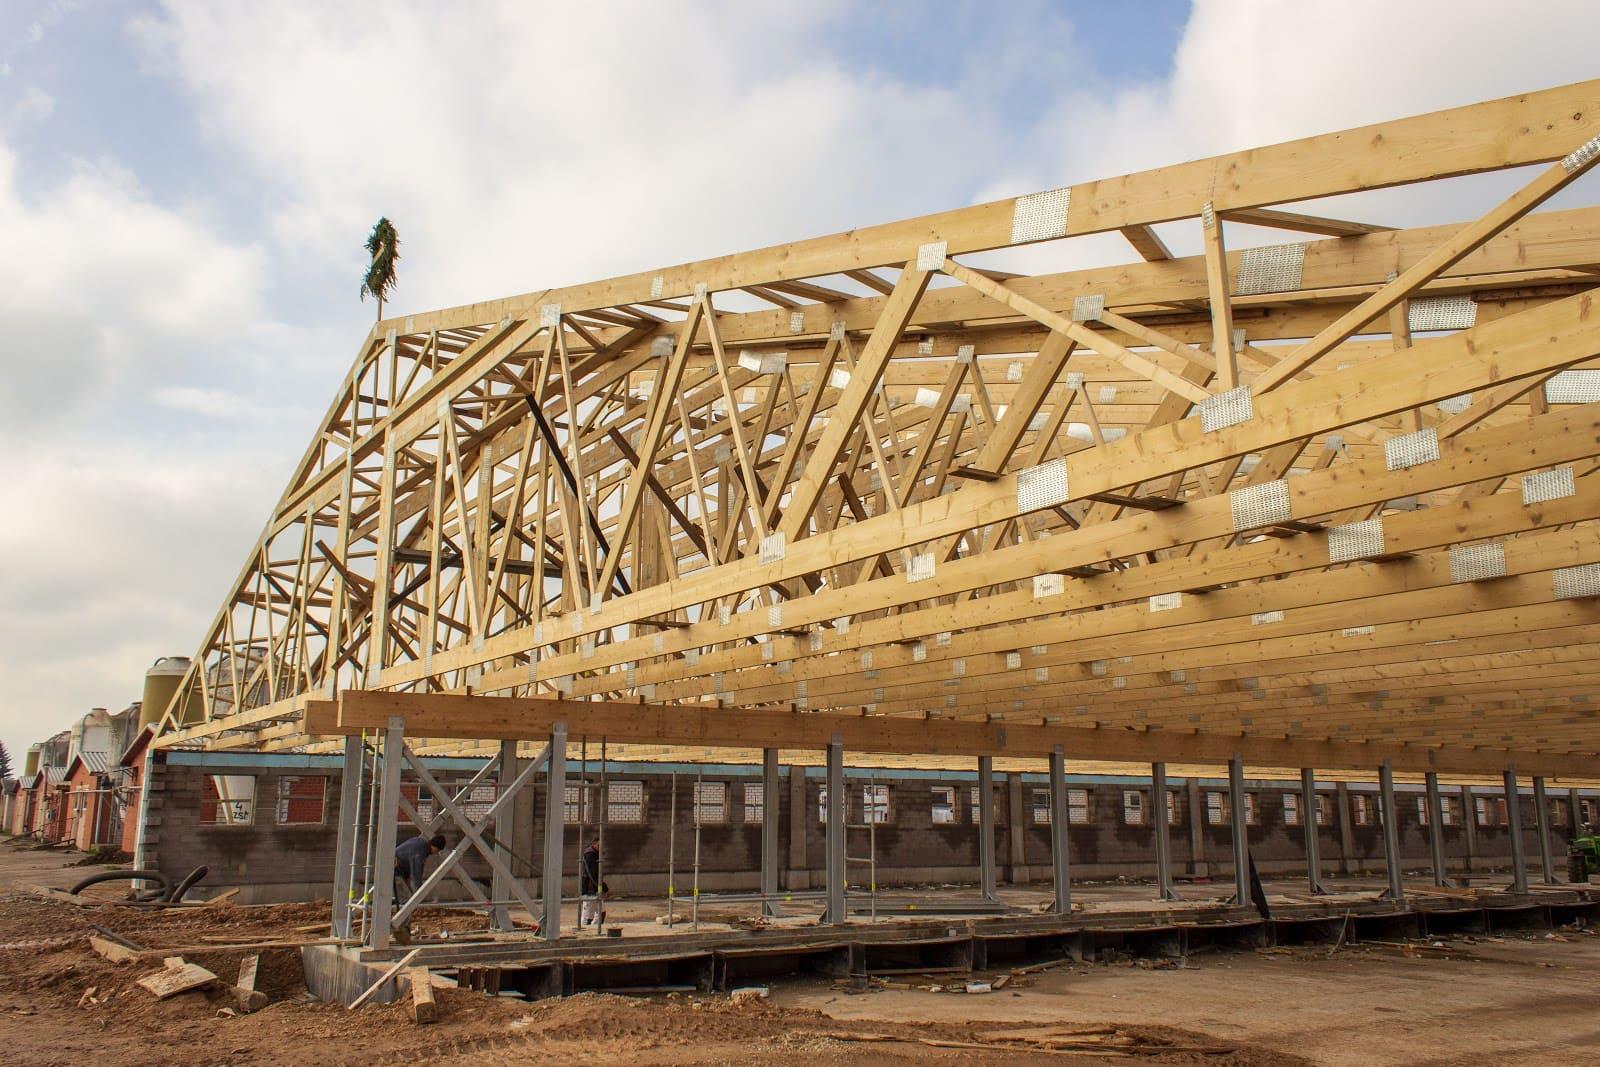 jumta konstrukcija lauksaimniecības ēkai priekš cūku fermas